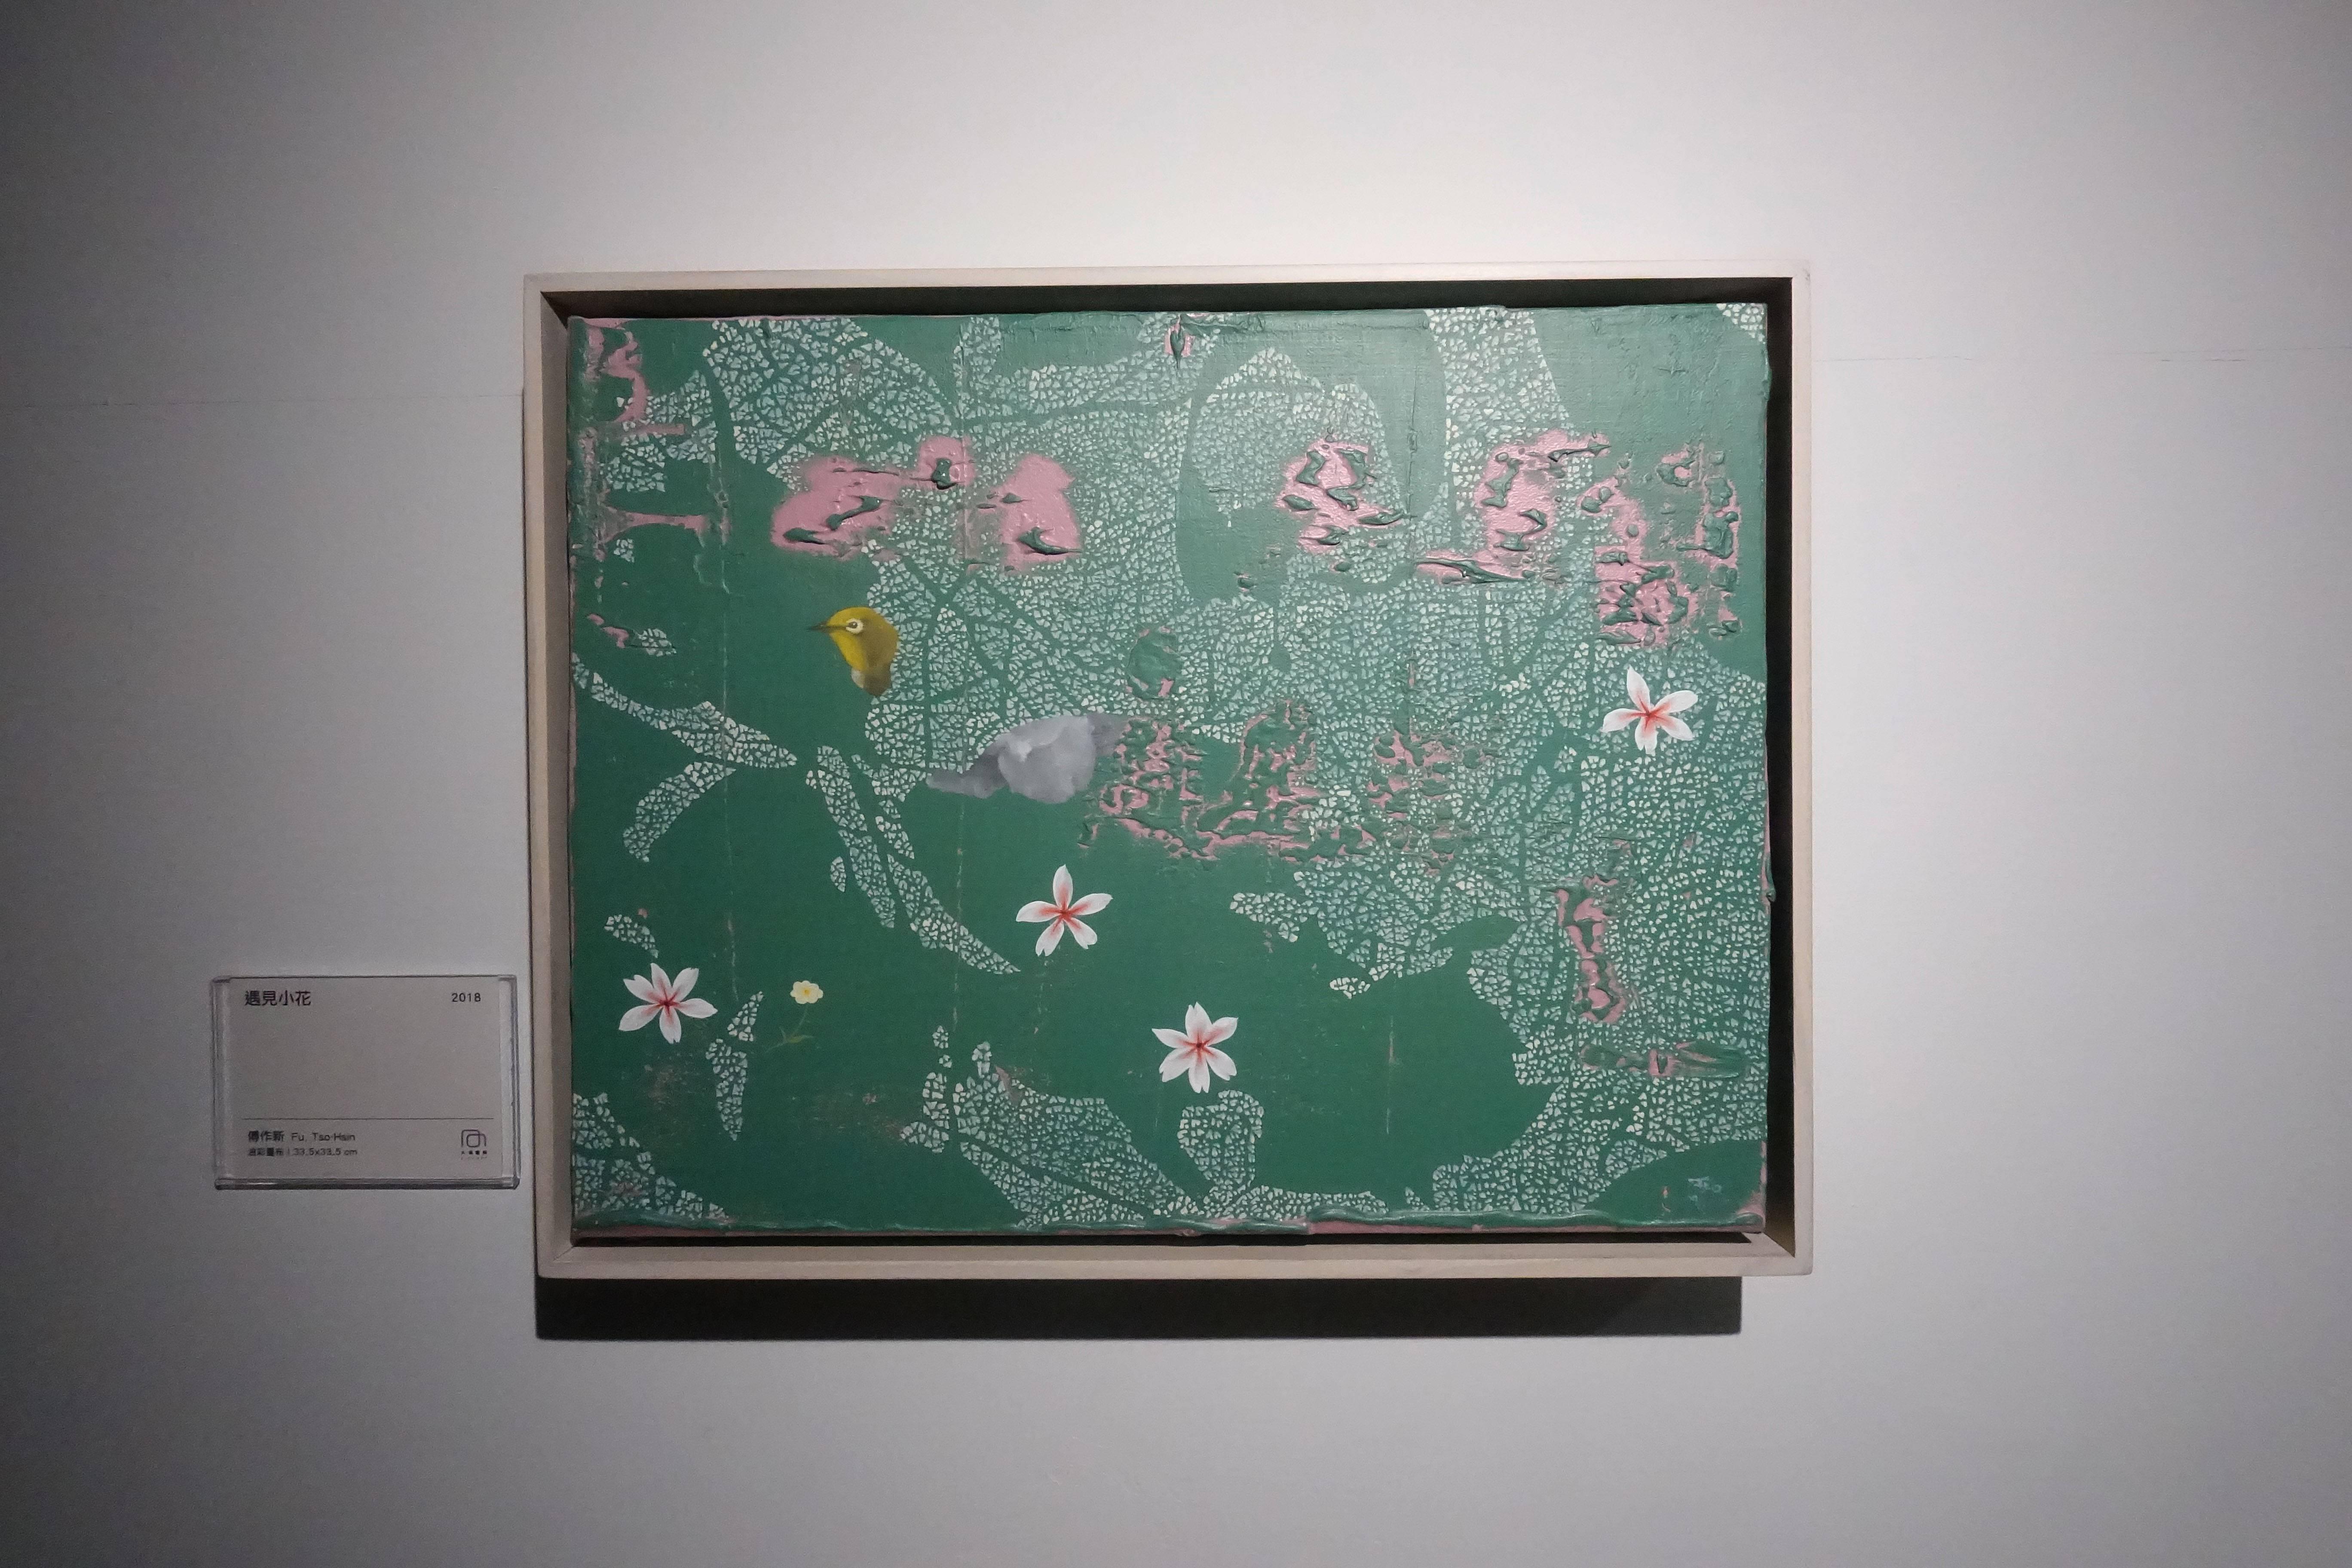 傅作新,《遇見小花》,油彩畫布,2018。